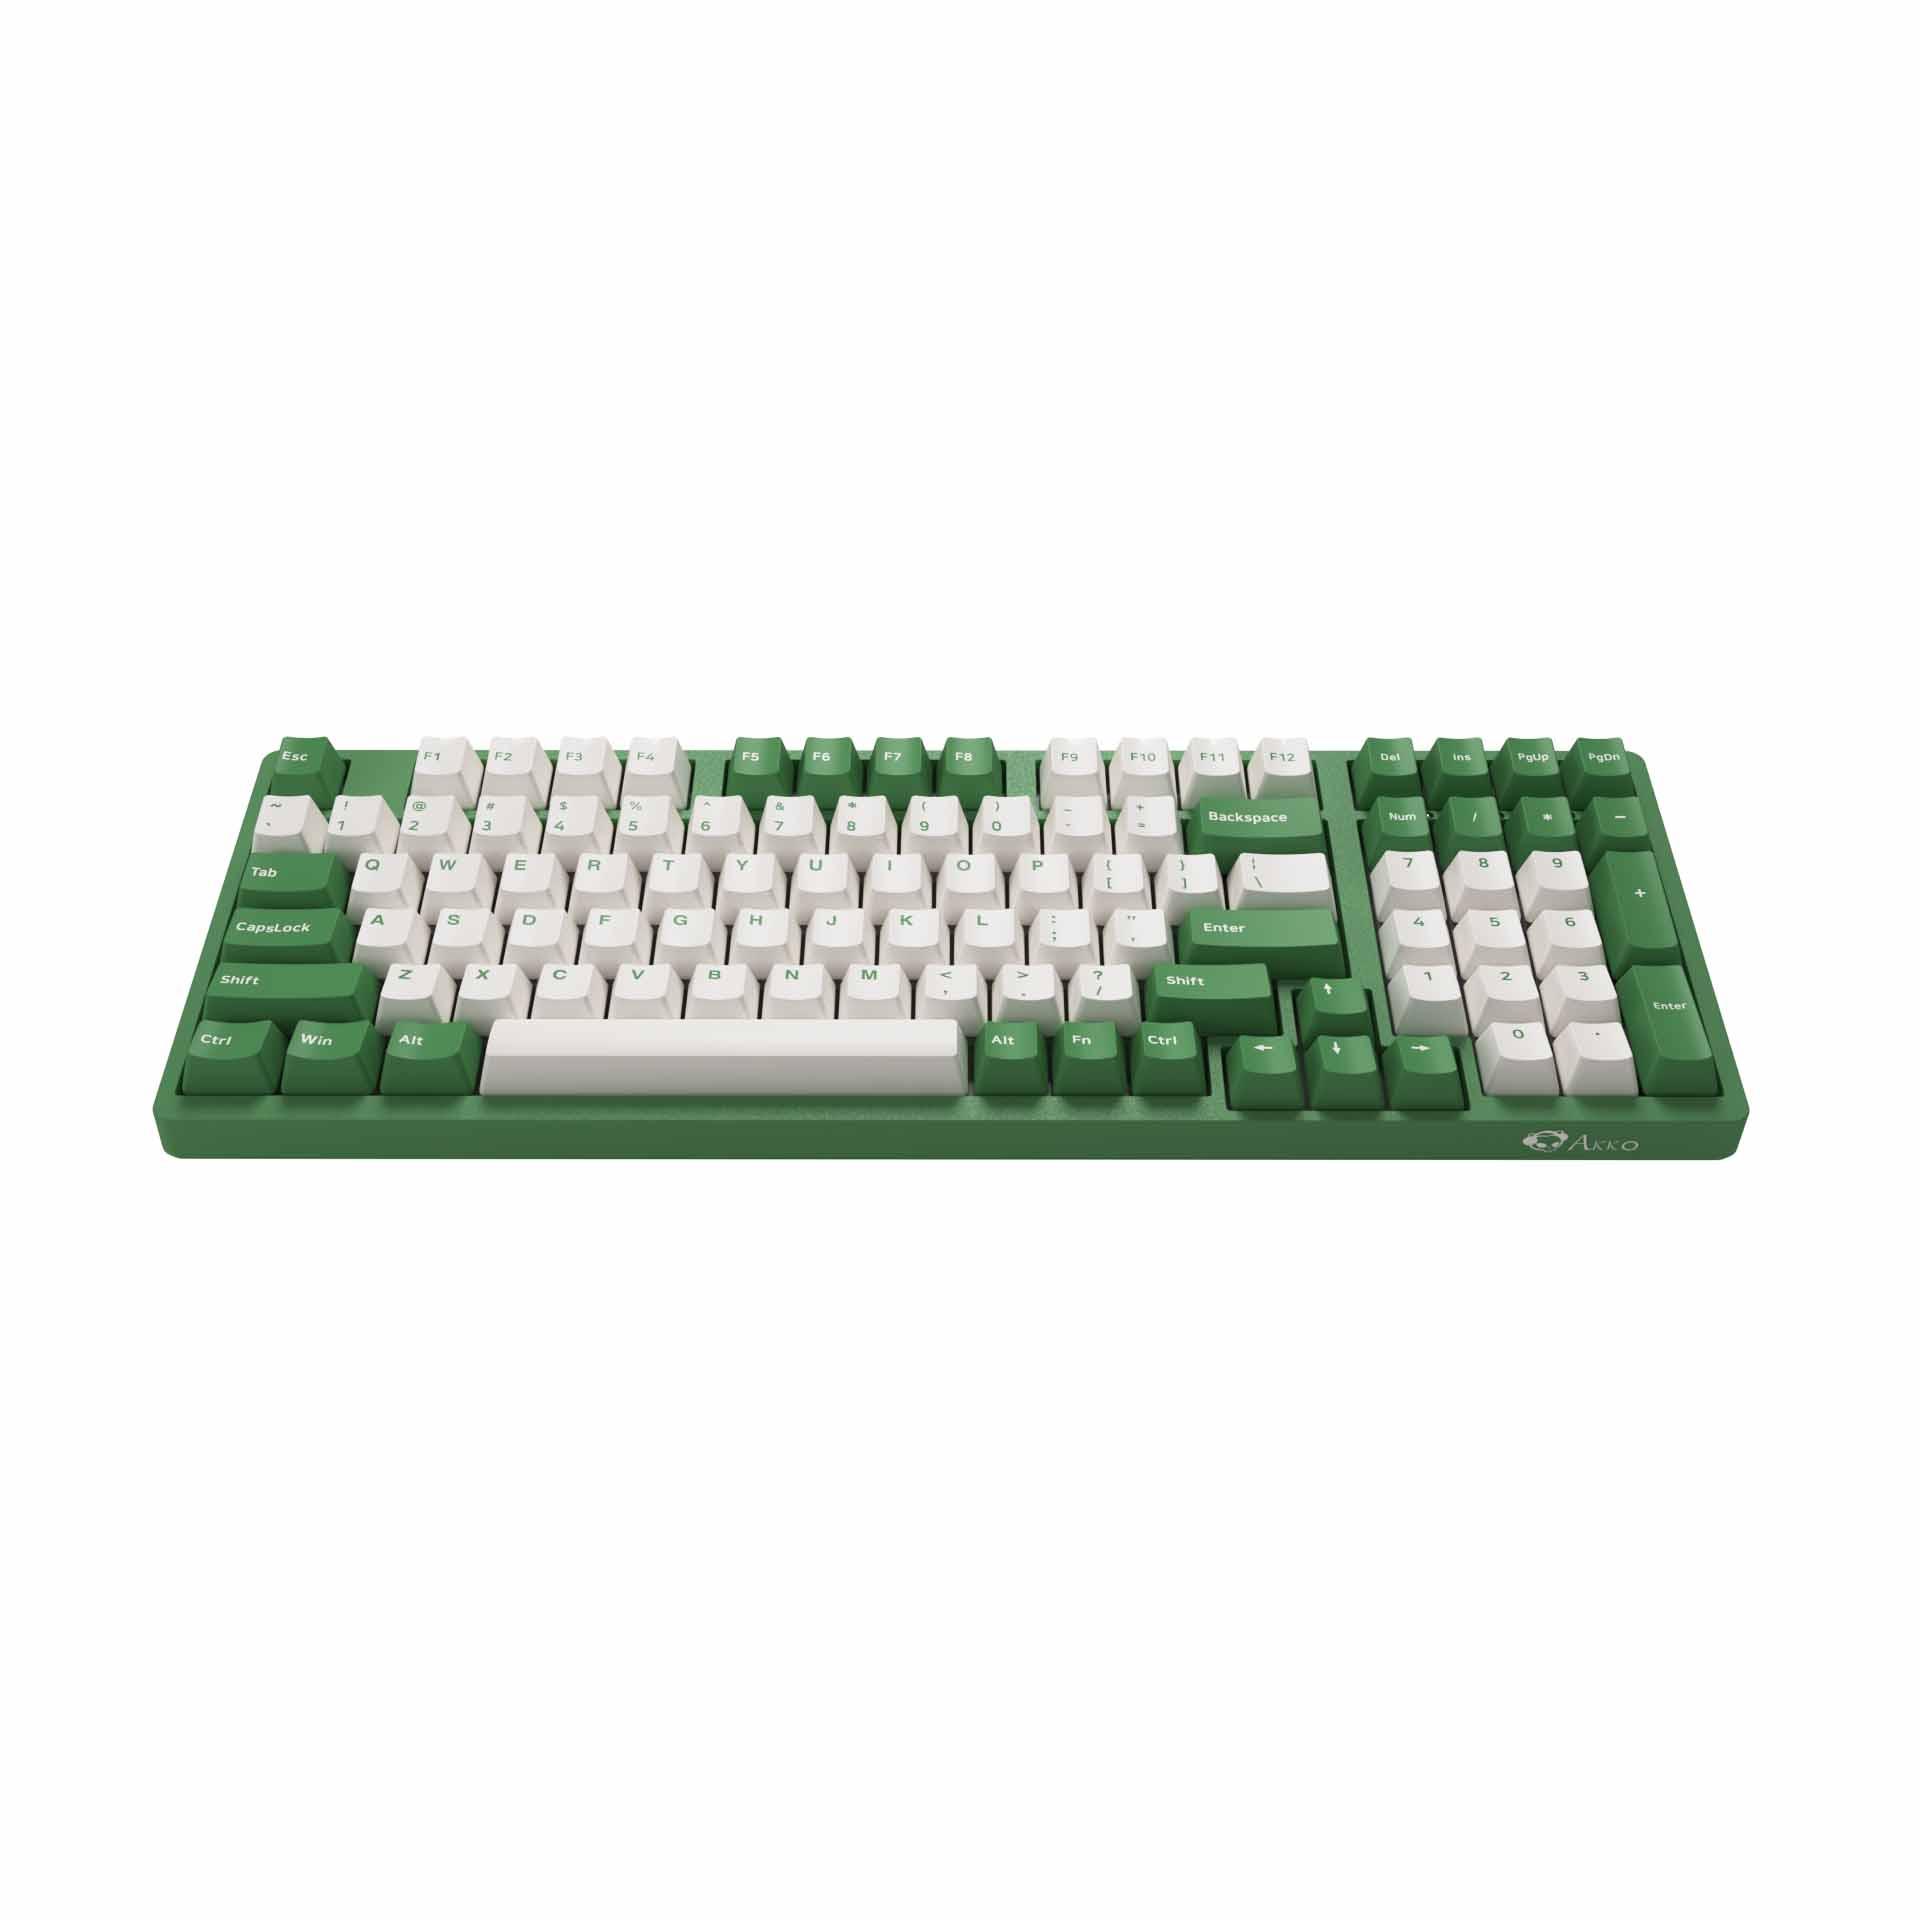 Bàn phím cơ AKKO sử dụng 100% keycap PBT